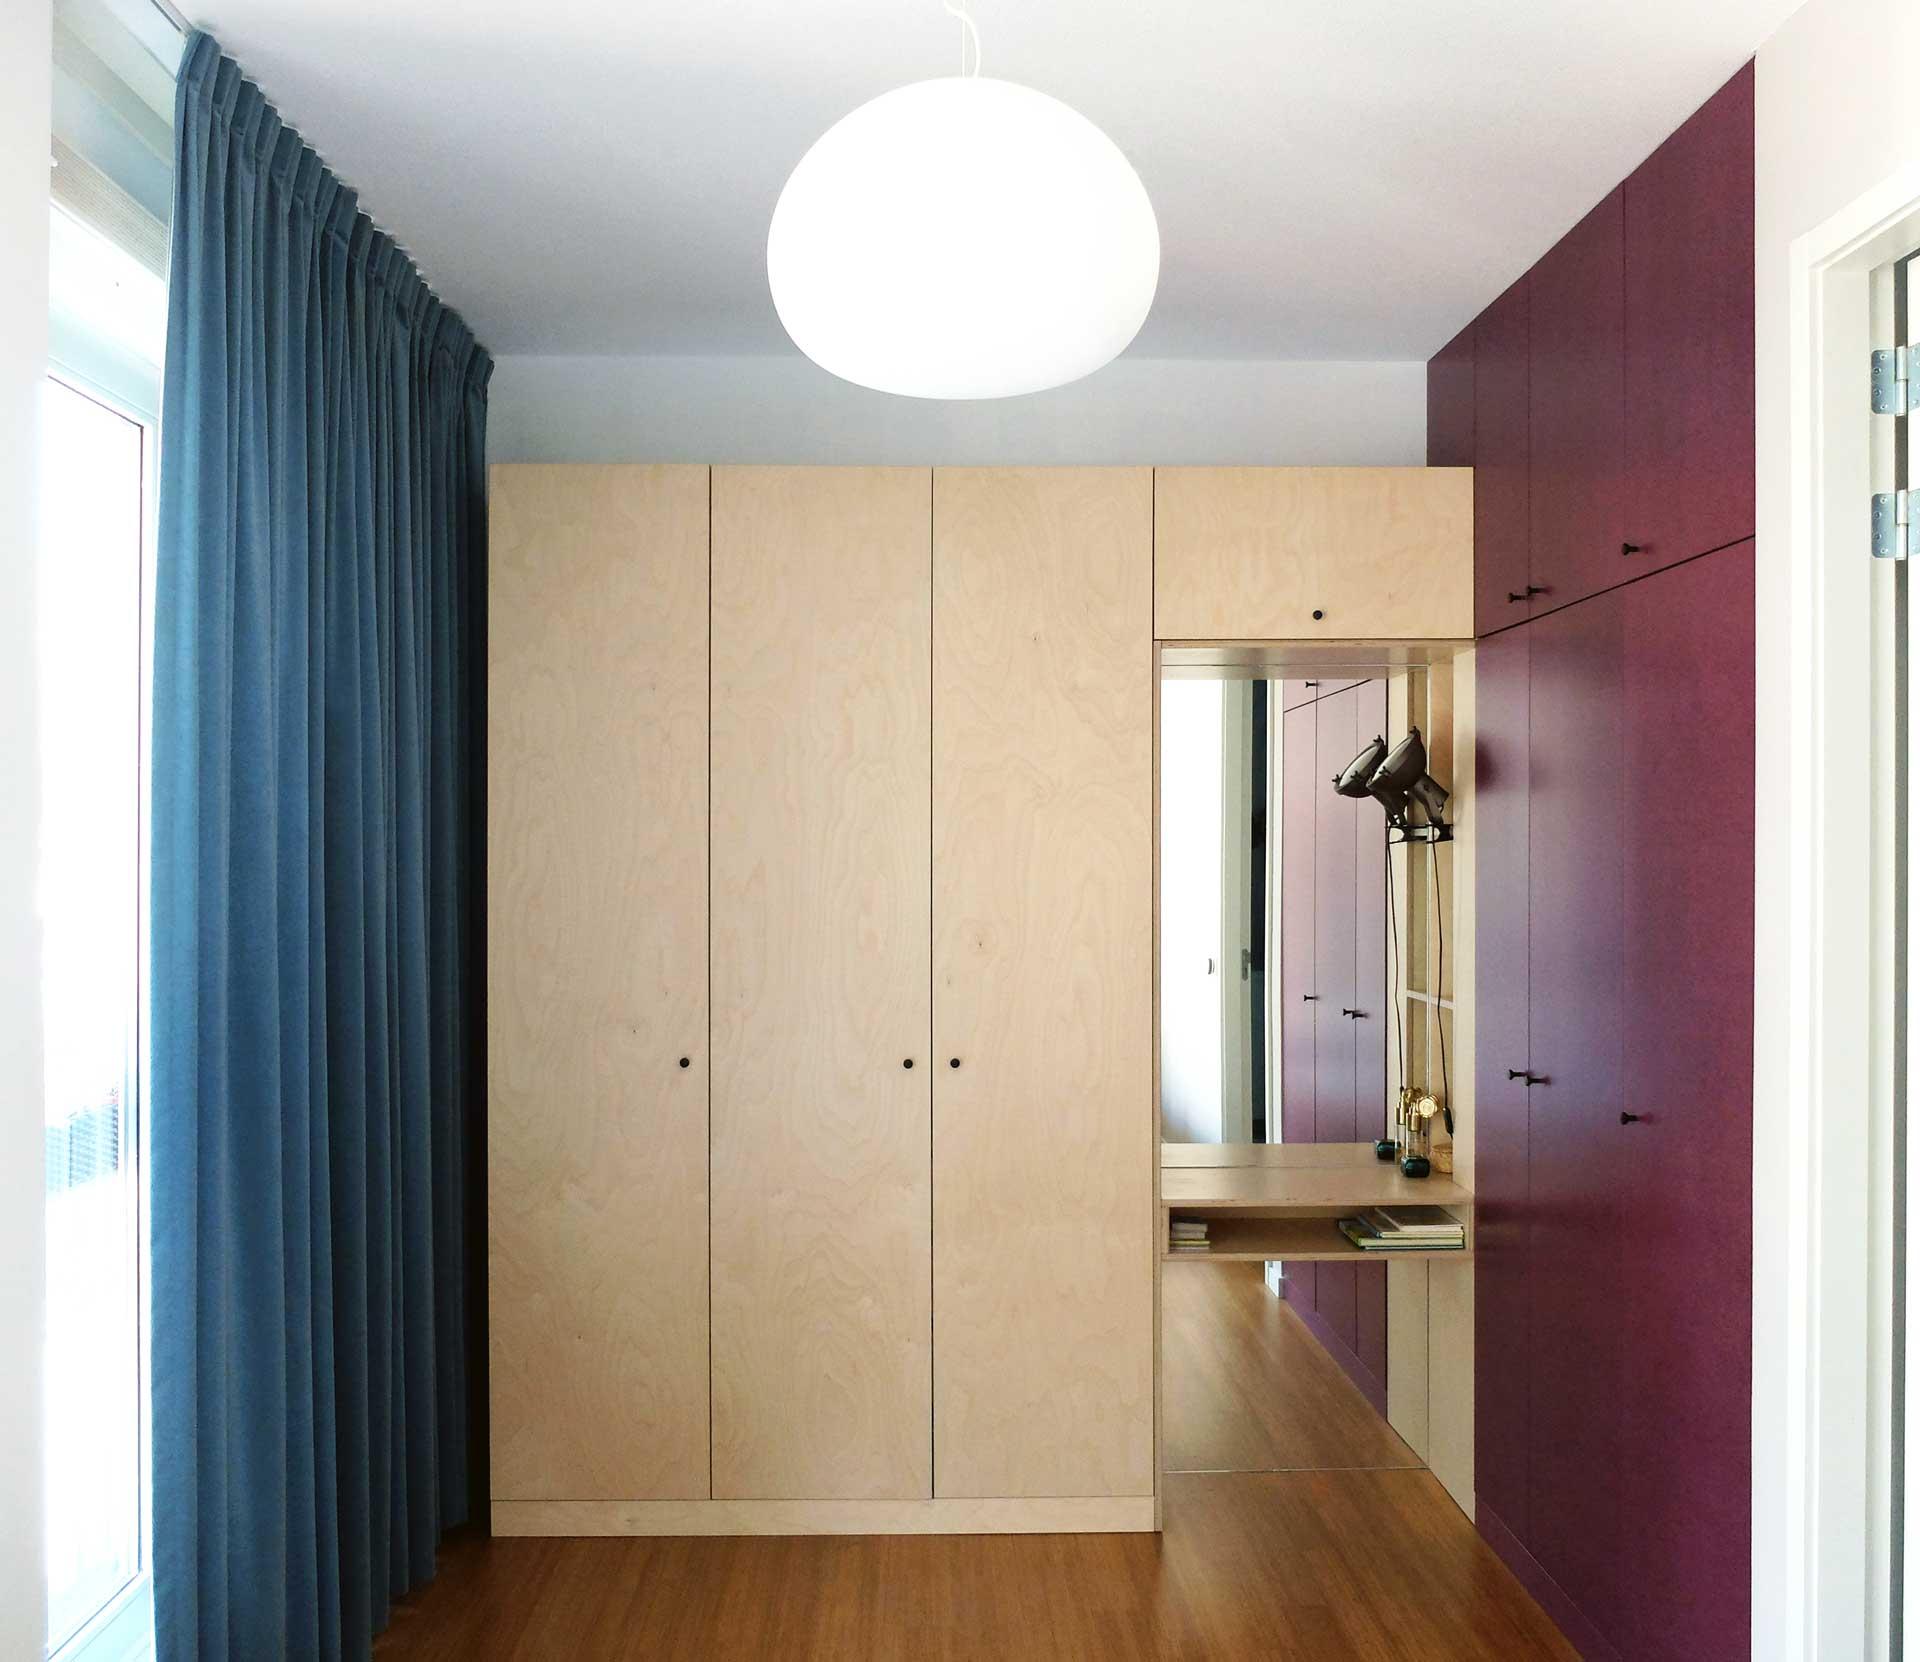 <p>Kleurvlakken in kasten, vloer, inbouwmeubelen en gordijnen zijn in harmonie en contrast ontworpen</p>